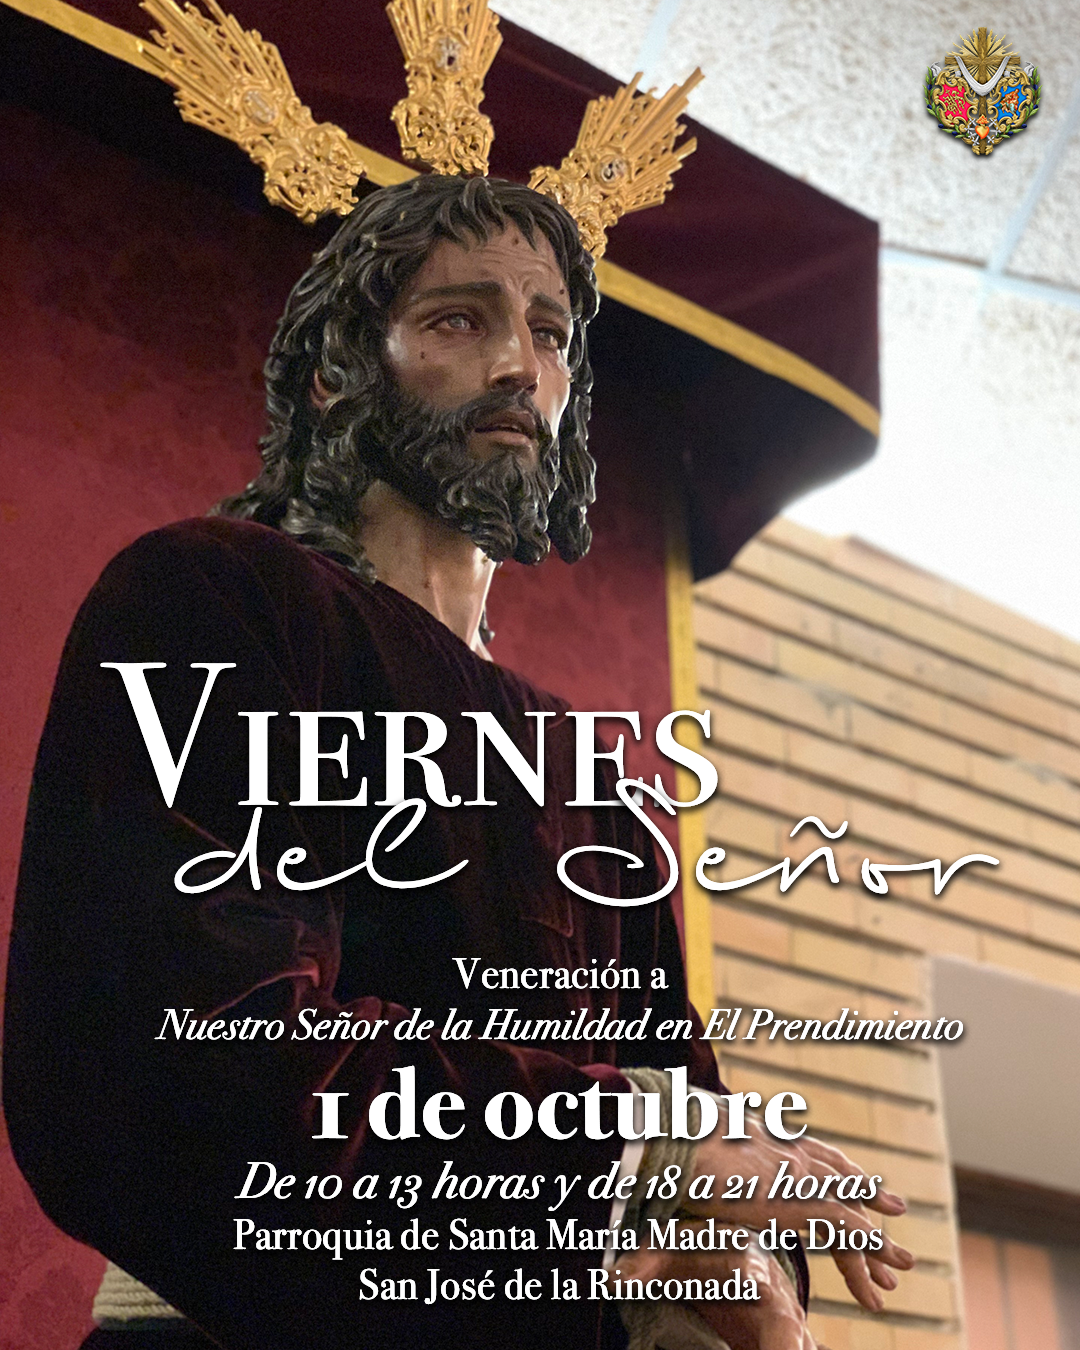 Viernes 1 de octubre: Primer Viernes del Señor del curso